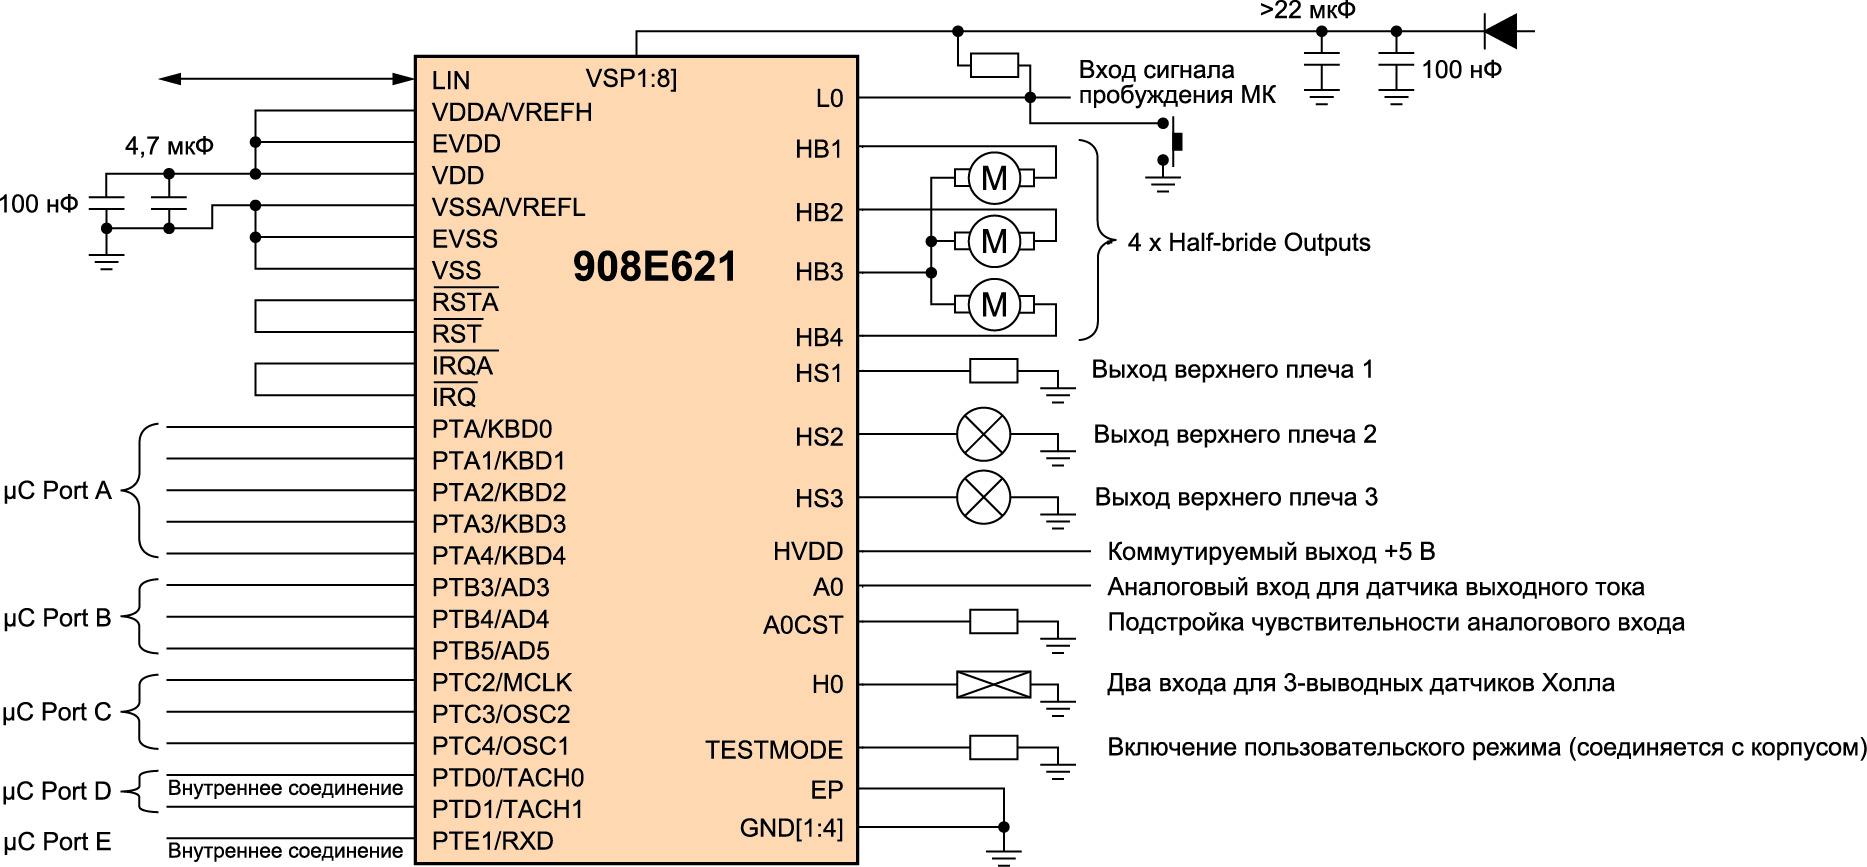 Схема включения ММ908Е621